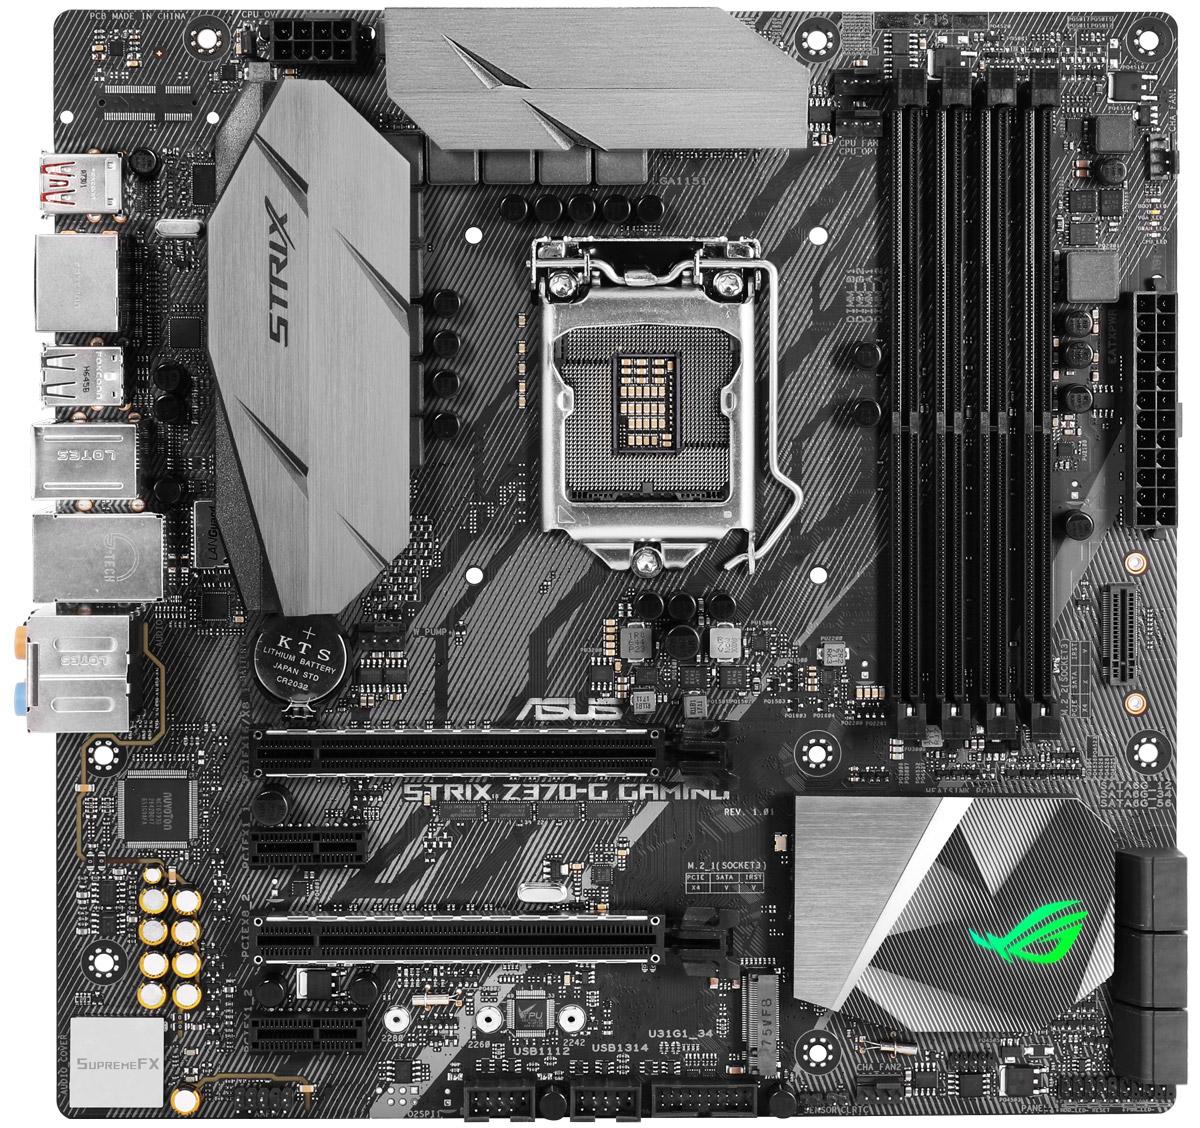 ASUS ROG Strix Z370-G Gaming материнская плата90MB0W00-M0EAY0Материнская плата ASUS ROG Strix Z370-G Gaming формата micro-ATX с чипсетом Intel Z370, синхронизируемой подсветкой Aura и современными интерфейсами.Смелый и агрессивный дизайн, эксклюзивная функциональность геймерской серии ROG и поддержка новейших процессоров Intel Core восьмого поколения – все это есть у материнских плат ASUS серии ROG Strix Z370, которые готовы предложить своим пользователям высокую производительность, дополненную широкими возможностями по разгону комплектующих. Модель ROG Strix Z370-G Gaming заворожит вас своим высококачественным звуком SupremeFX и красочной подсветкой Aura и превзойдет все ваши ожидания о том, какой скорости можно добиться в современных играх!ROG Strix Z370-G Gaming – это не только функциональная, но и невероятно красивая материнская плата, ведь она оснащается встроенной системой подсветки Aura с гибкой регулировкой. Причем визуальные эффекты можно синхронизировать с другими Aura-совместимыми устройствами, чтобы тем самым придать всему компьютеру еще большую яркость и индивидуальность.Материнская плата ROG Strix Z370-G Gaming предлагает гибкие средства управления системой охлаждения компьютера, которые доступны через интерфейс UEFI BIOS и специальную утилиту Fan Xpert 4.Для слотов памяти используется оптимизированная разводка в определенном слое печатной платы (технология OptiMem), способствующая минимизации электромагнитных помех, и T-образная топология подключения, улучшающая синхронизацию между сигналами, идущими в разные модули. Благодаря этому улучшается стабильность работы памяти, в том числе и на повышенных частотах, вплоть до DDR4-4000 – при заполнении всех слотов.На данной материнской плате используется Ethernet-контроллер Intel I219-V. Сетевые решения, разработанные специалистами компании Intel, славятся своей стабильной и эффективной работой при низком уровне загрузки центрального процессора.Благодаря наличию двух разъемов M.2, работающих в режиме PCIe 3.0